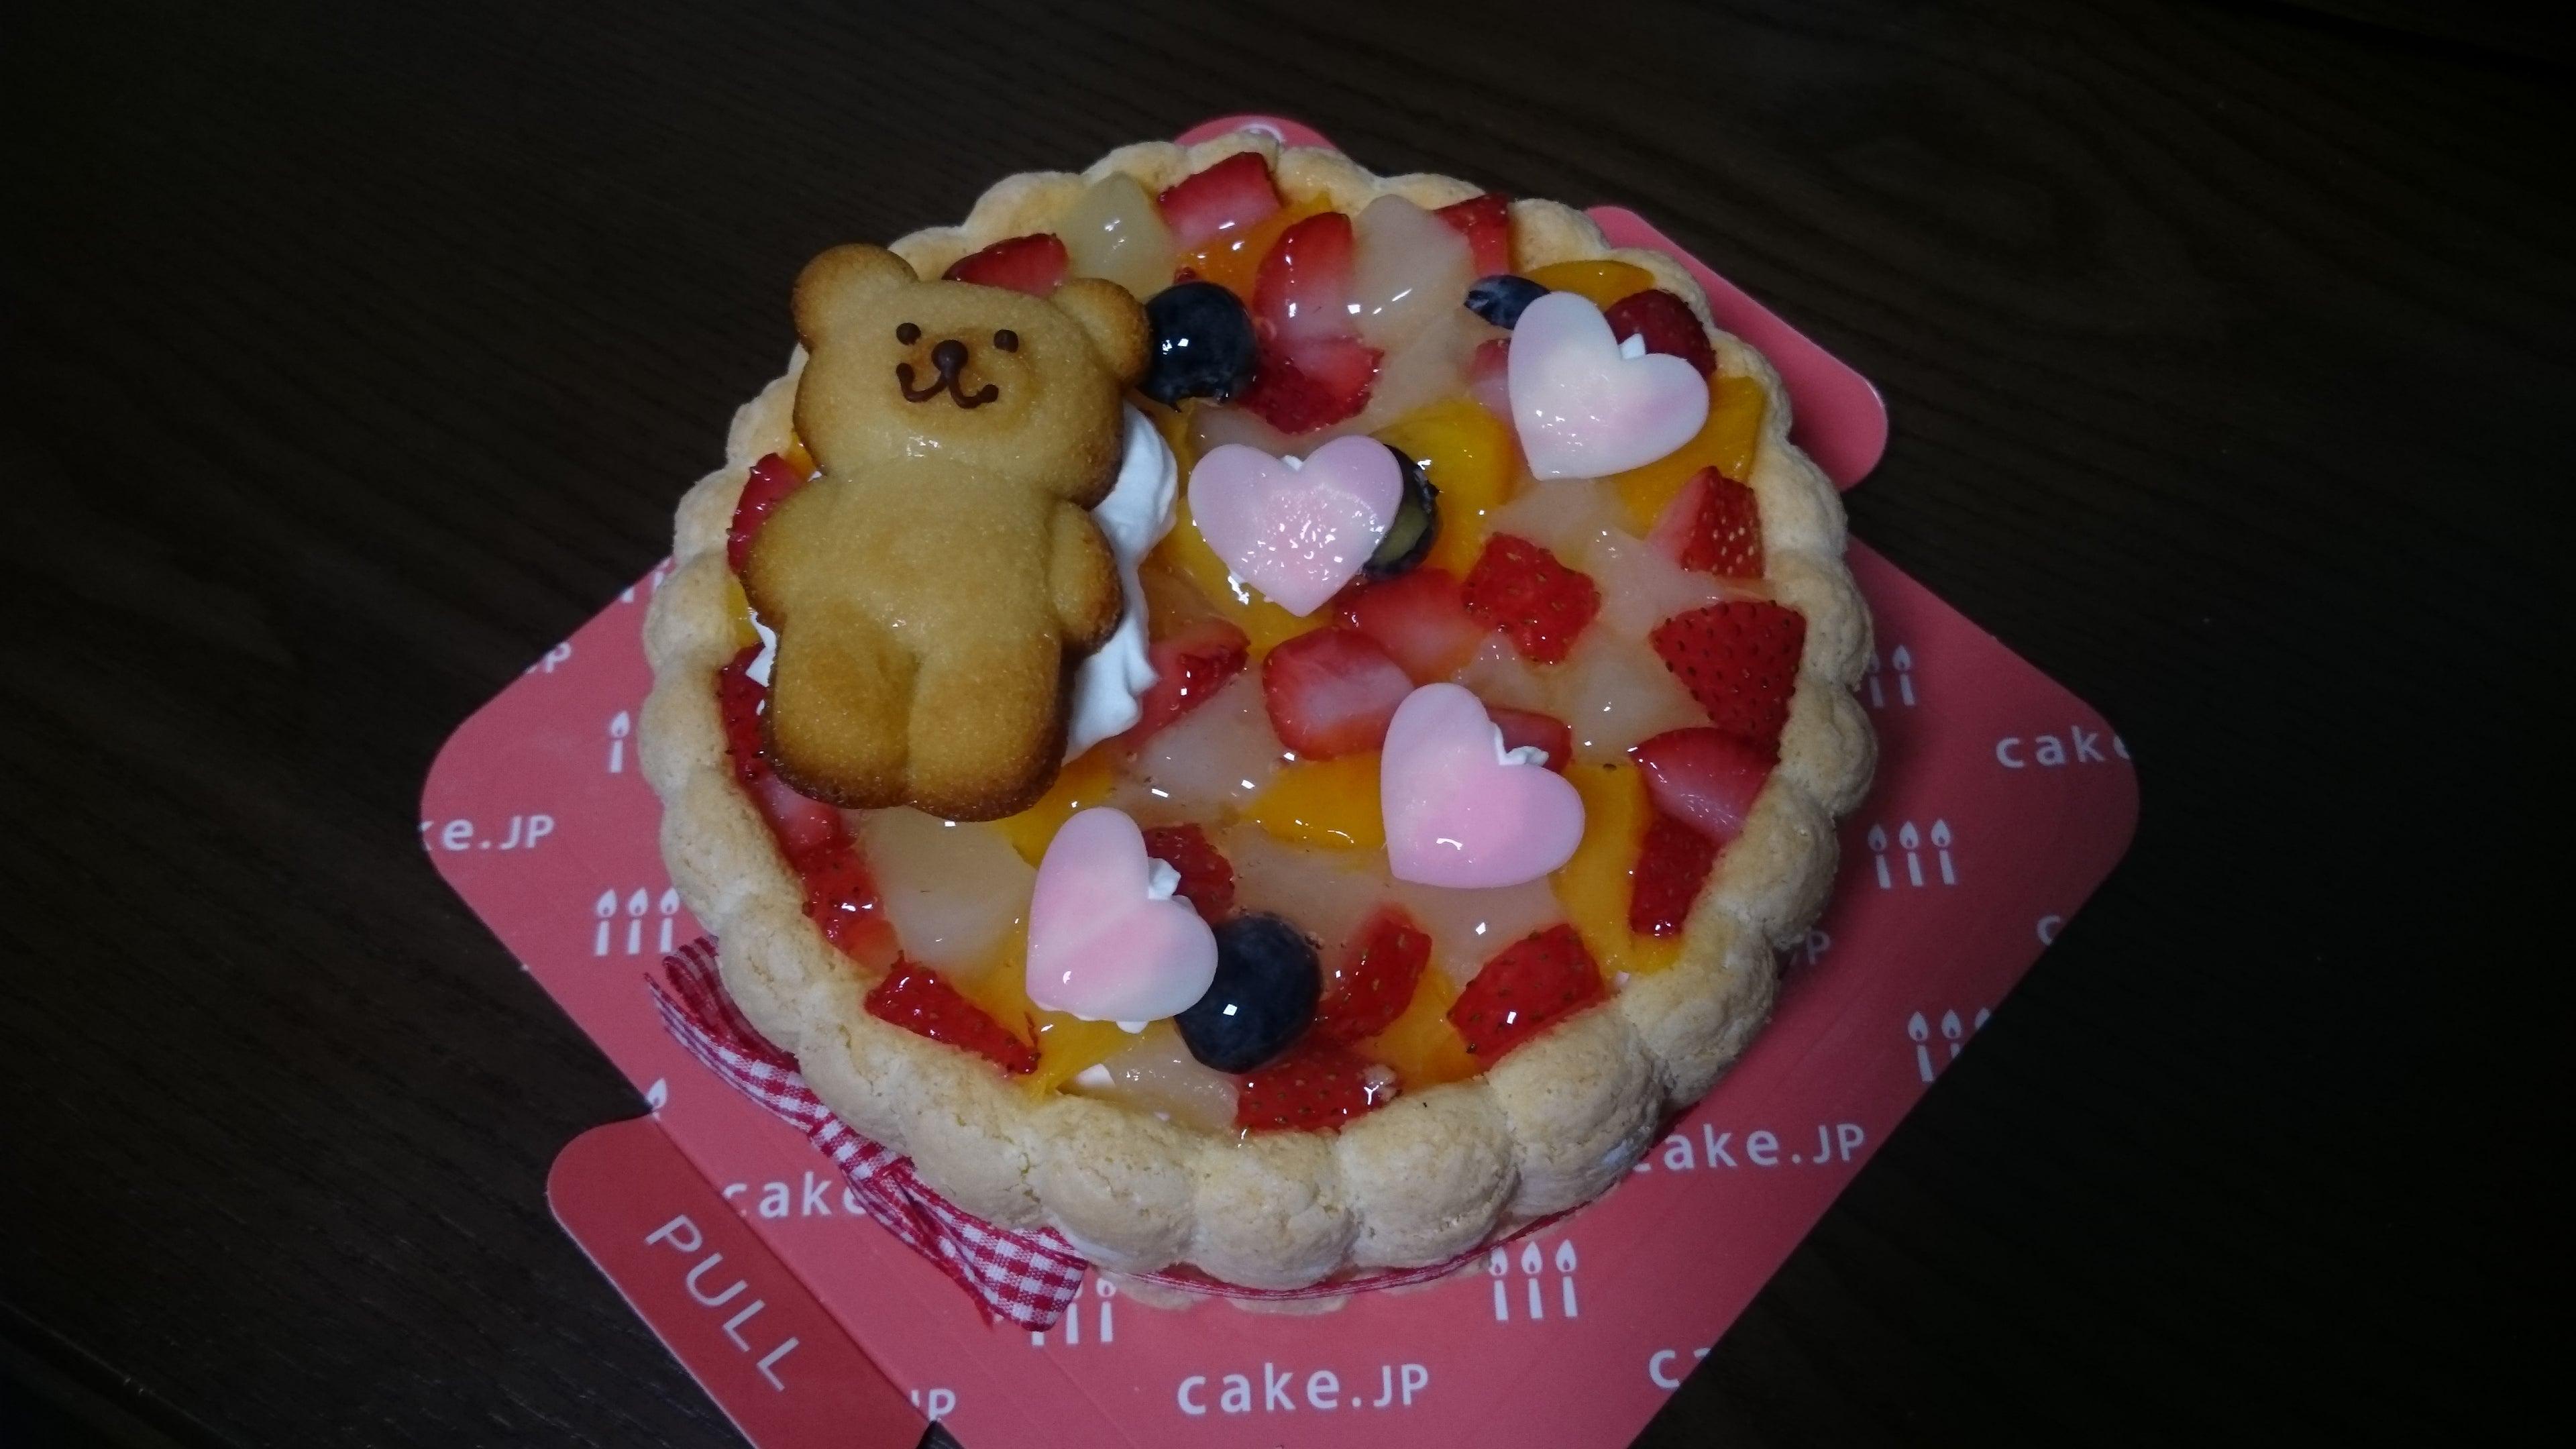 バースデー ケーキ ファースト